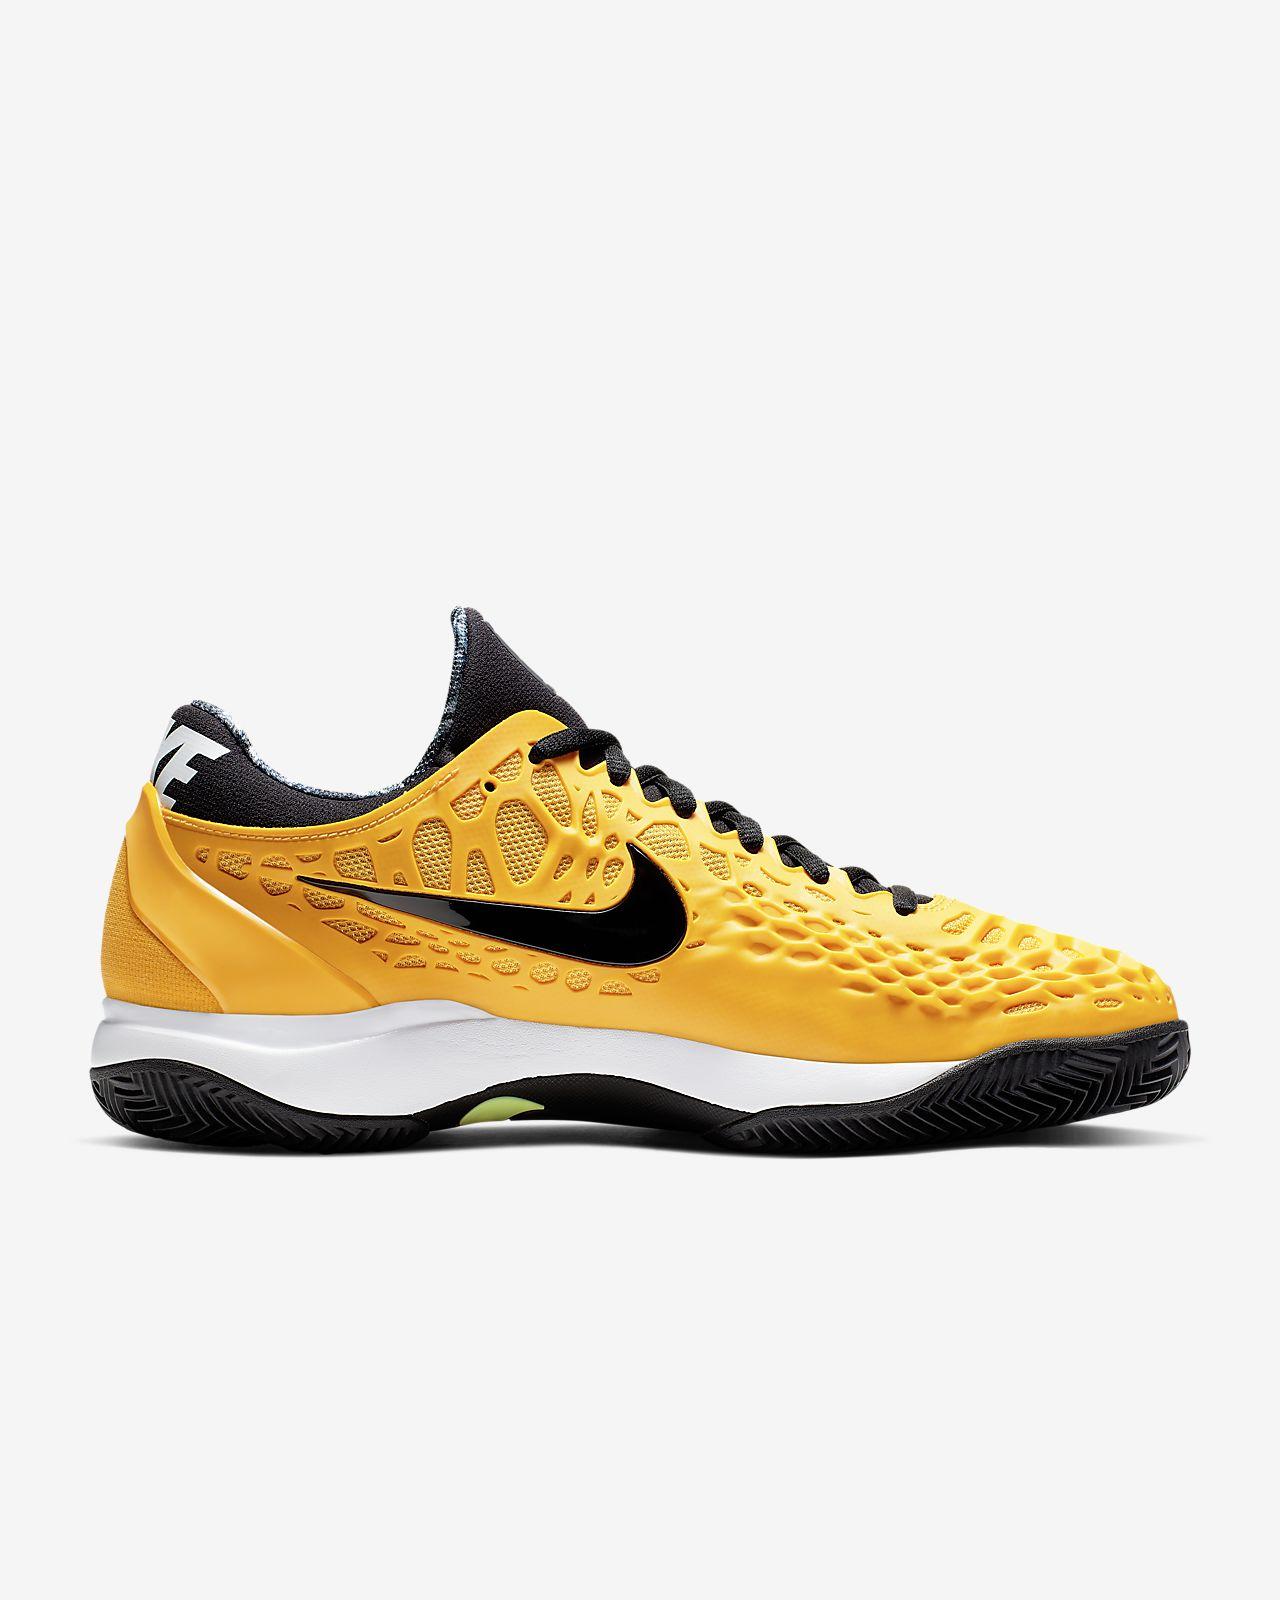 reputable site 528ce 93fa7 ... NikeCourt Zoom Cage 3 Zapatillas de tenis para tierra batida - Hombre